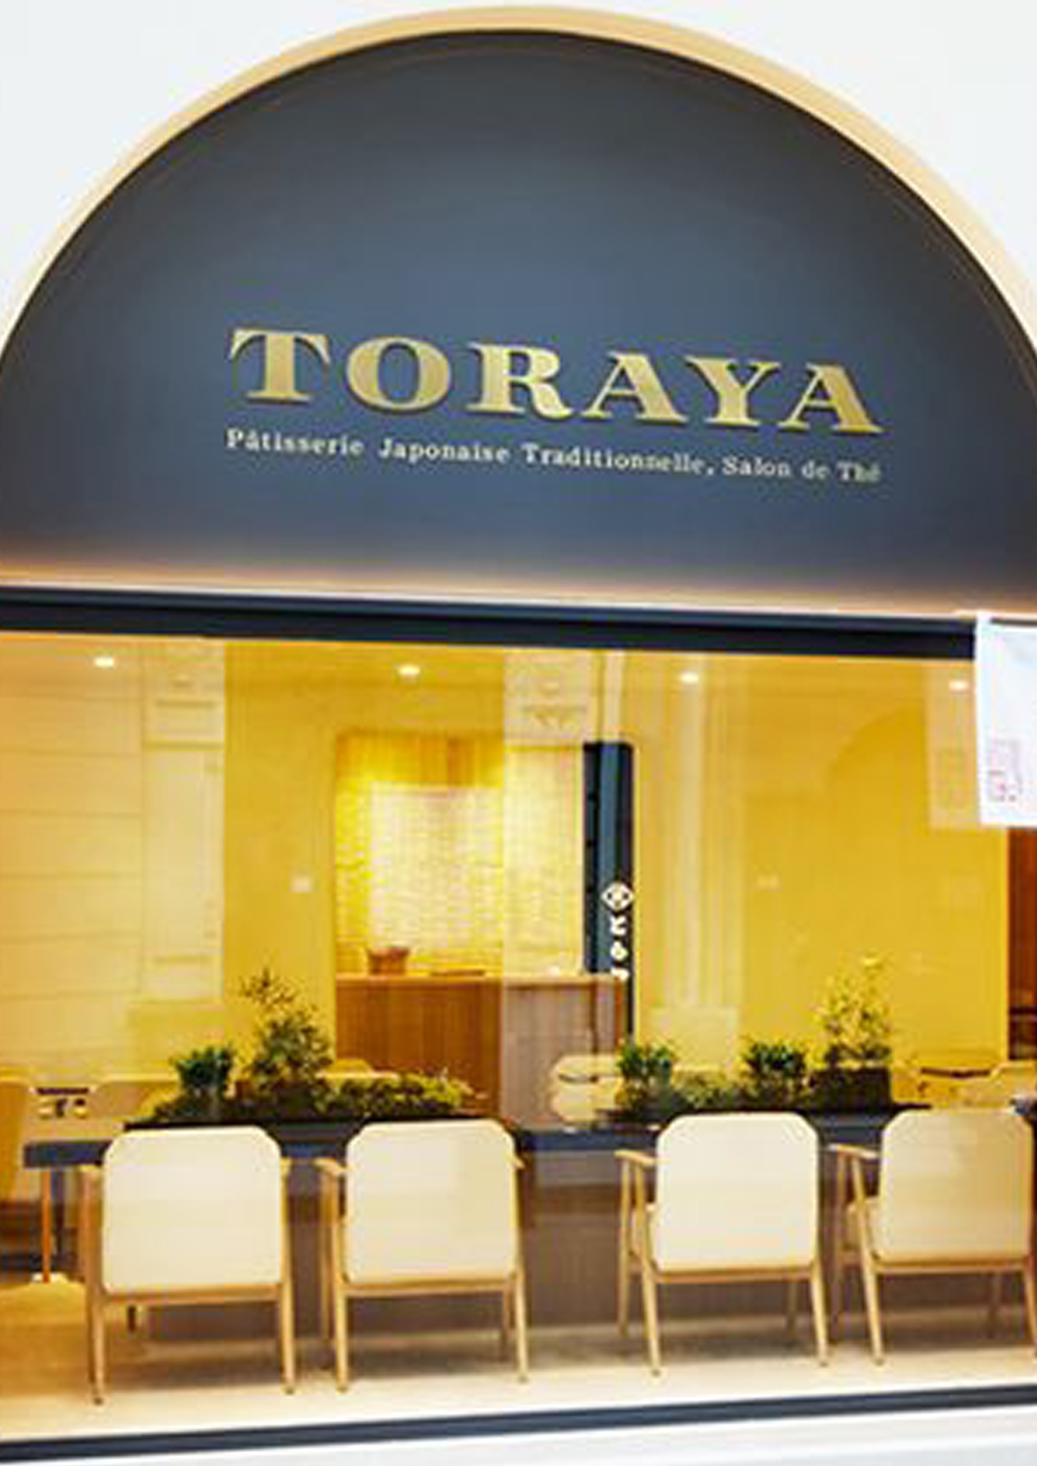 TORAYA.jpg